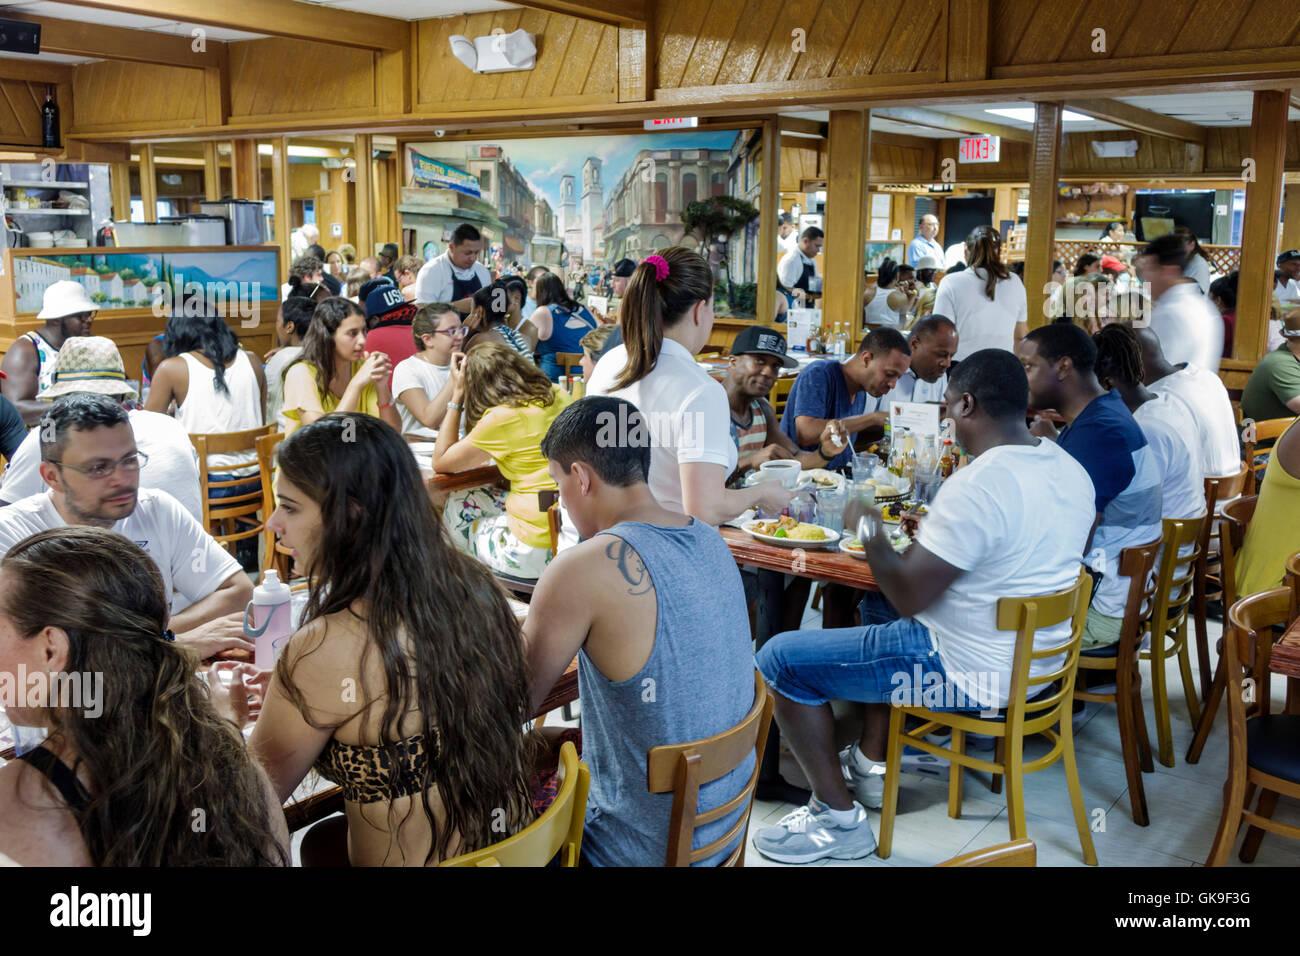 Florida Miami Beach South Beach Collins Avenue Puerto Sagua Ristorante business Ristorante sala da pranzo informale Immagini Stock